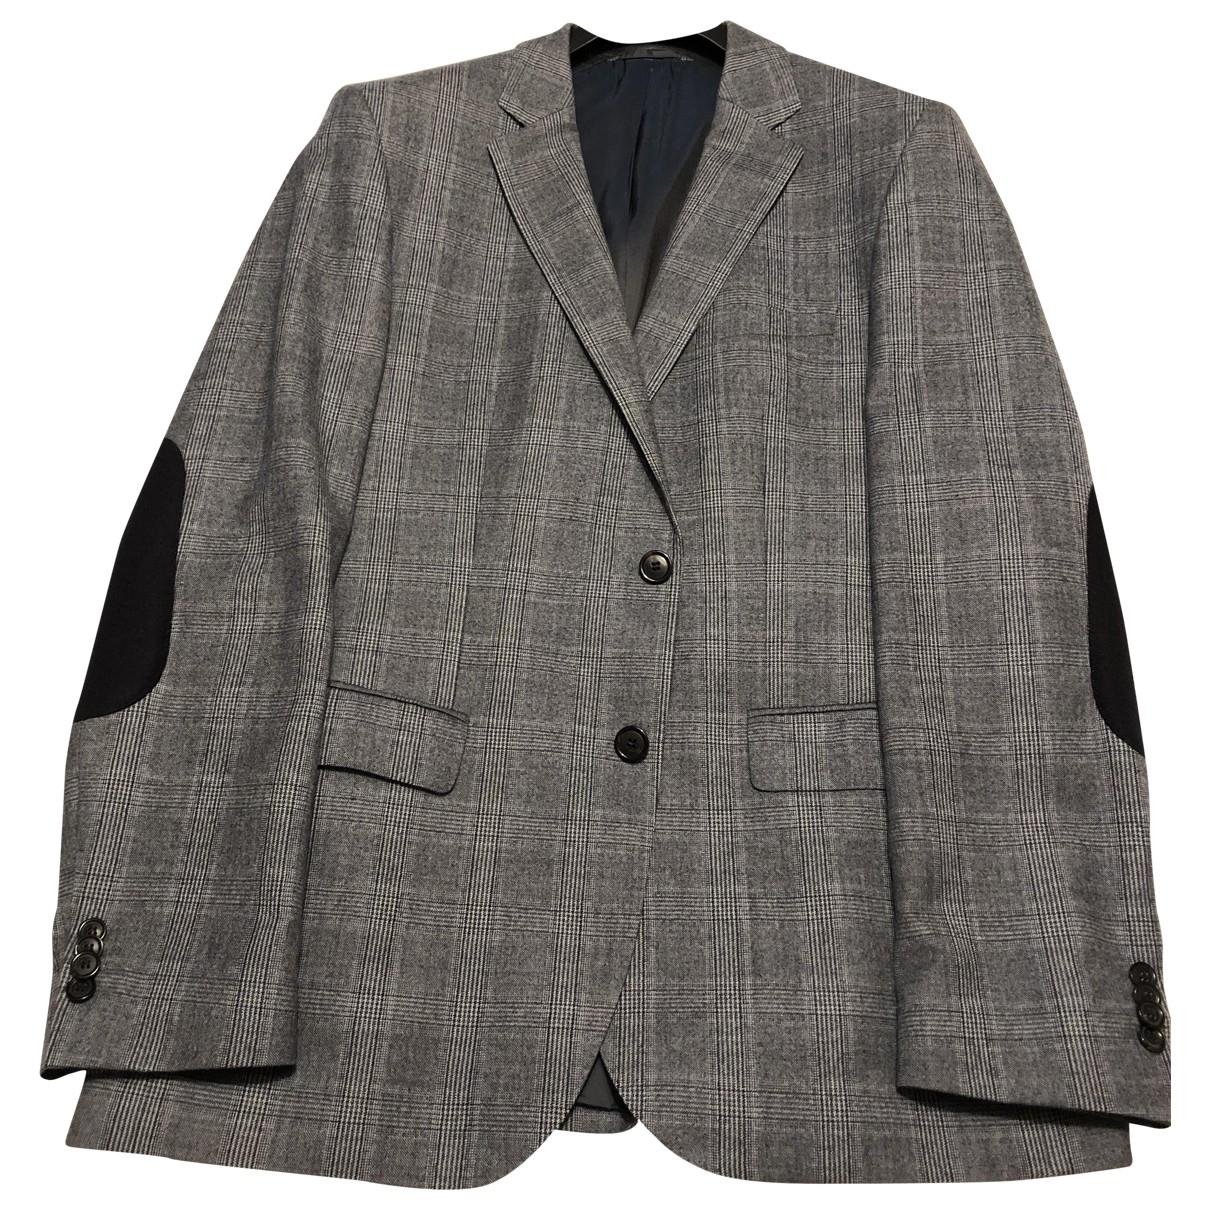 Hugo Boss - Vestes.Blousons   pour homme en laine - multicolore